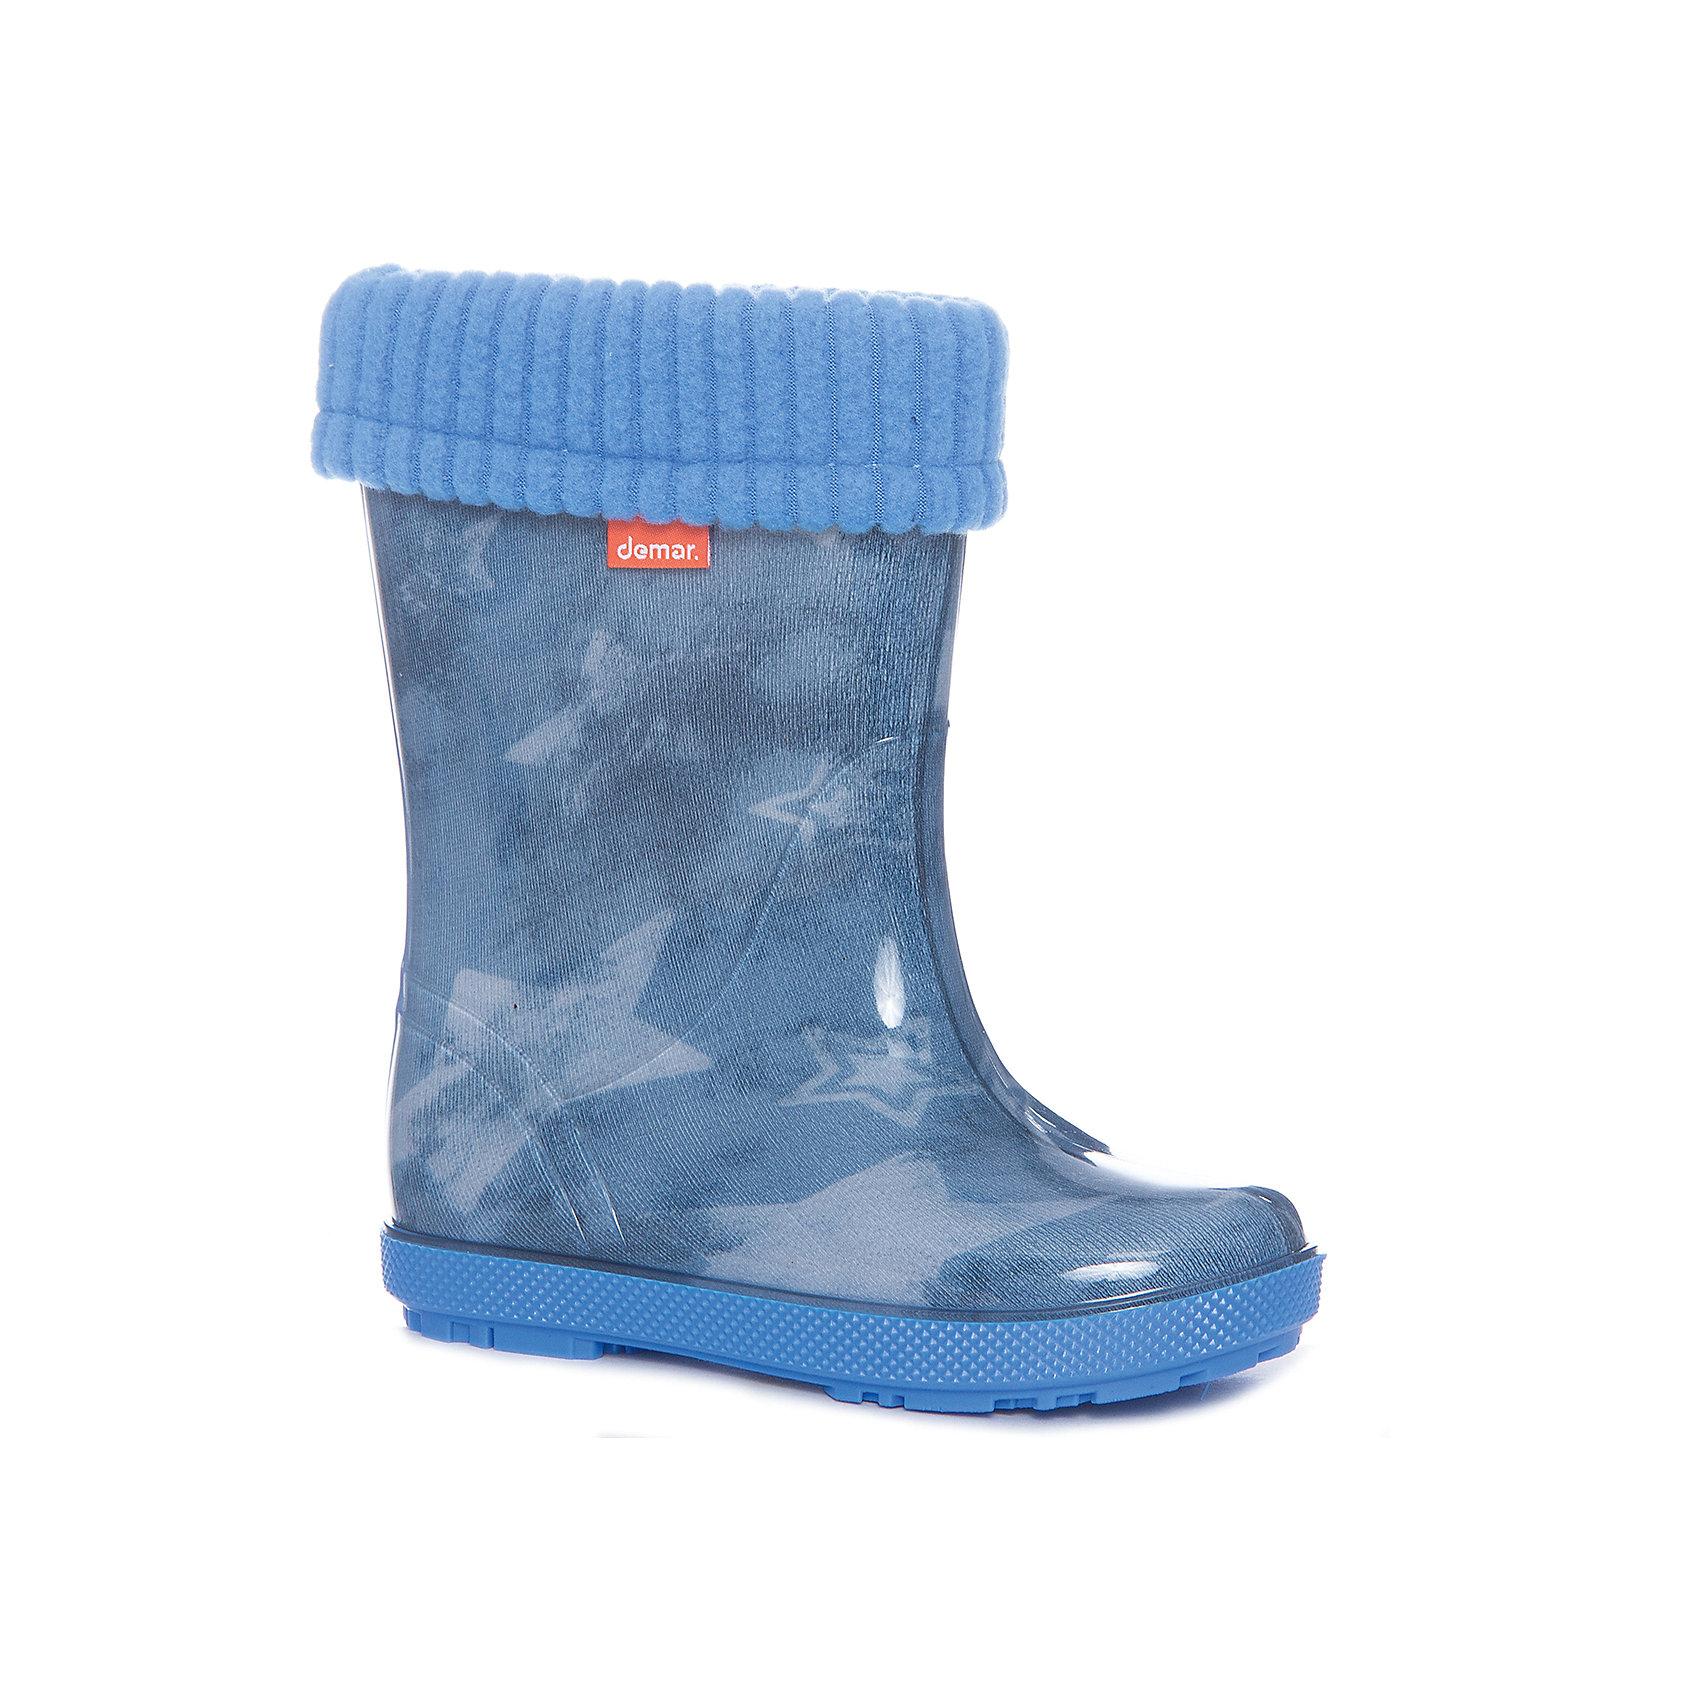 Резиновые сапоги Hawai Lux Print для мальчика DEMARРезиновые сапоги<br>Характеристики товара:<br><br>• цвет: голубой<br>• материал верха: ПВХ<br>• материал подкладки: текстиль <br>• материал подошвы: ПВХ<br>• температурный режим: от 0° до +15° С<br>• верх не продувается<br>• съемный чулок<br>• стильный дизайн<br>• страна бренда: Польша<br>• страна изготовитель: Польша<br><br>Осенью и весной ребенку не обойтись без непромокаемых сапожек! Чтобы не пропустить главные удовольствия межсезонья, нужно запастись удобной обувью. Такие сапожки обеспечат ребенку необходимый для активного отдыха комфорт, а подкладка из текстиля позволит ножкам оставаться теплыми. Сапожки легко надеваются и снимаются, отлично сидят на ноге. Они удивительно легкие!<br>Обувь от польского бренда Demar - это качественные товары, созданные с применением новейших технологий и с использованием как натуральных, так и высокотехнологичных материалов. Обувь отличается стильным дизайном и продуманной конструкцией. Изделие производится из качественных и проверенных материалов, которые безопасны для детей.<br><br>Сапожки от бренда Demar (Демар) можно купить в нашем интернет-магазине.<br><br>Ширина мм: 257<br>Глубина мм: 180<br>Высота мм: 130<br>Вес г: 420<br>Цвет: синий<br>Возраст от месяцев: 21<br>Возраст до месяцев: 36<br>Пол: Мужской<br>Возраст: Детский<br>Размер: 24/25,26/27,22/23<br>SKU: 4916640